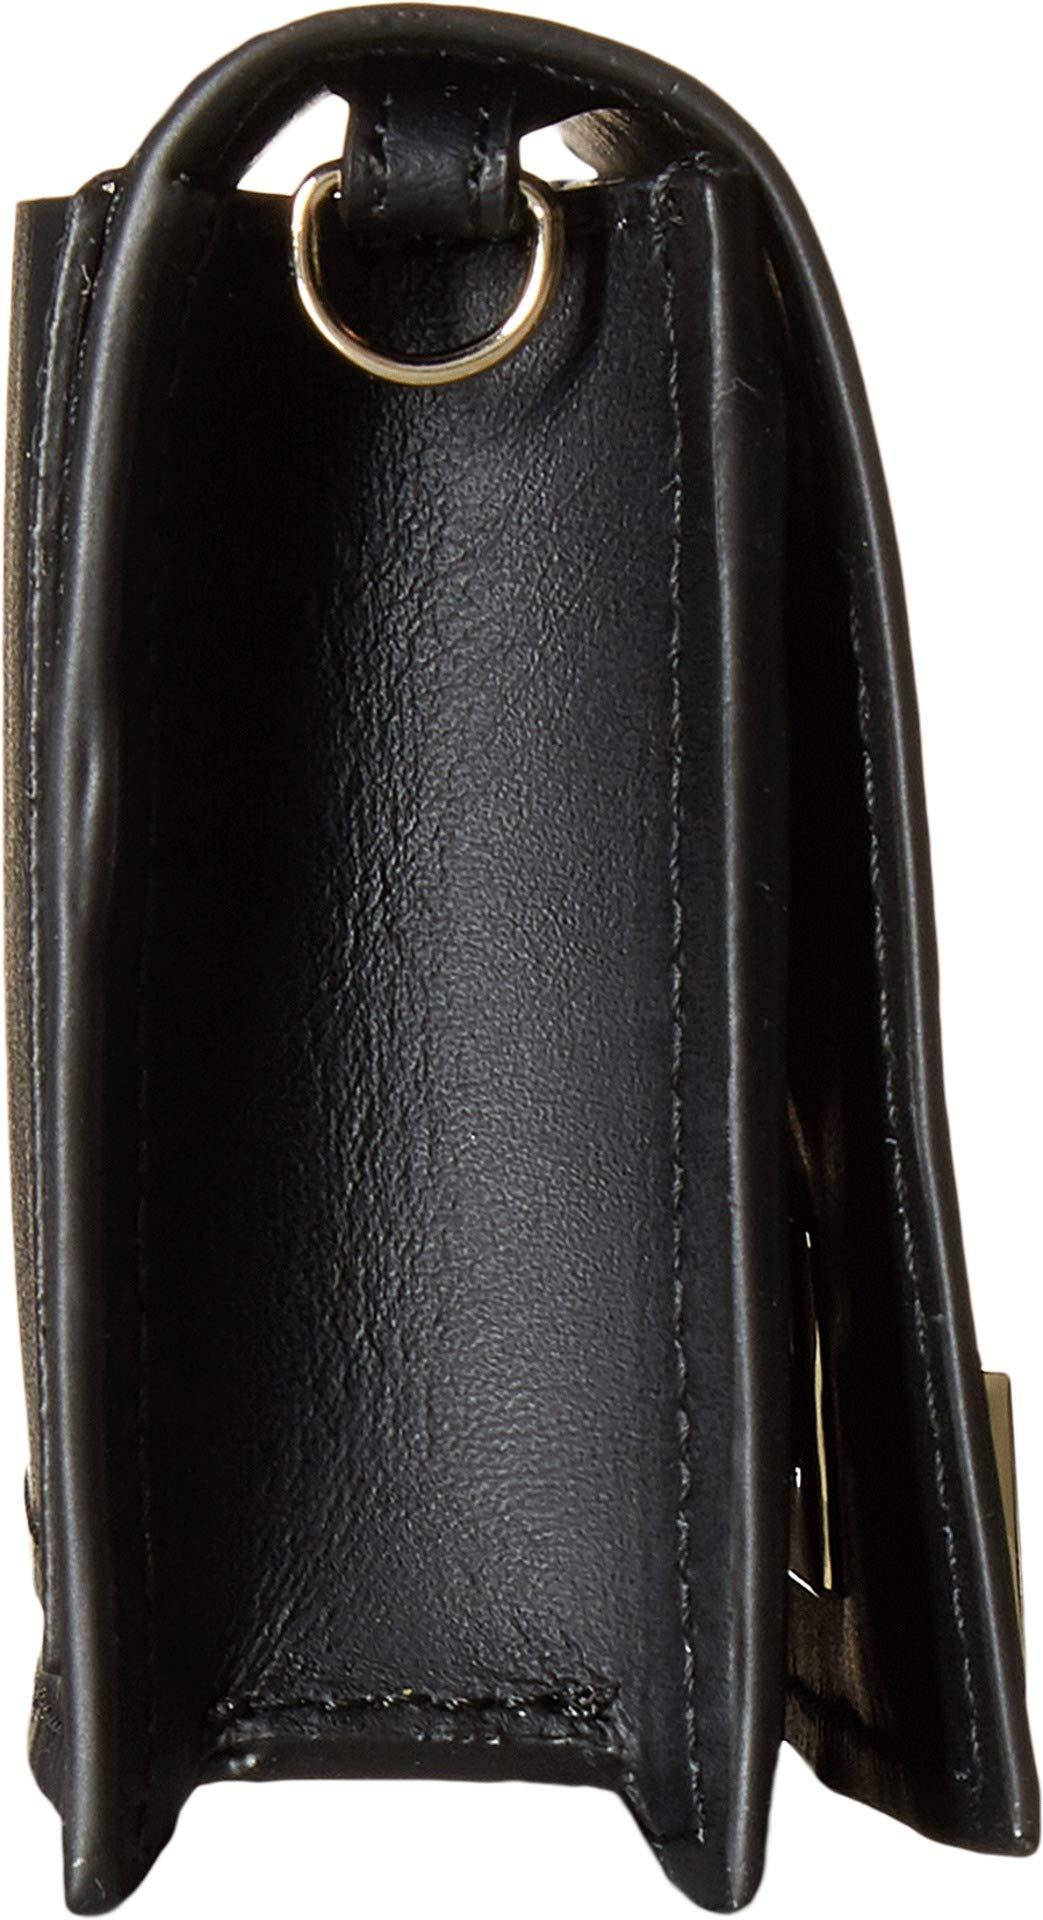 ZAC Zac Posen Earthette Wristlet, Black by ZAC Zac Posen (Image #3)